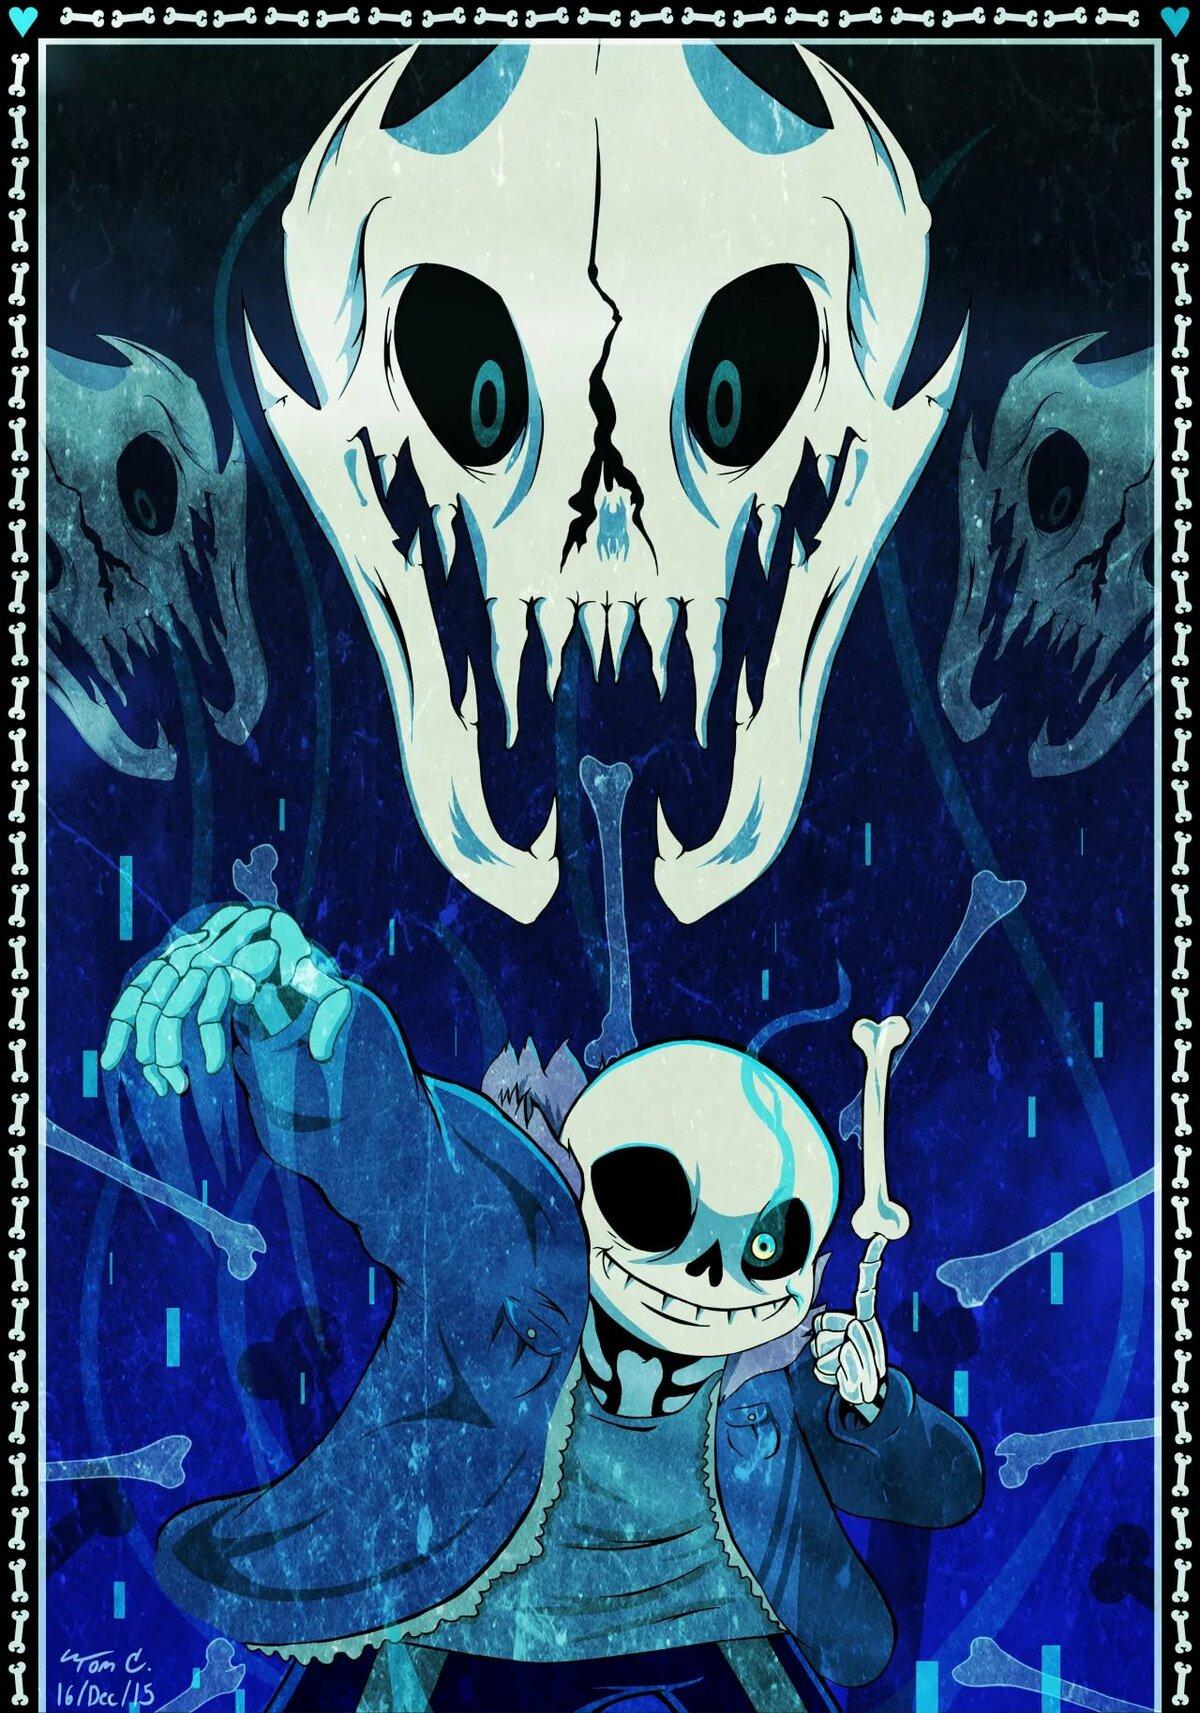 фотографии скелетов из андертейл того что